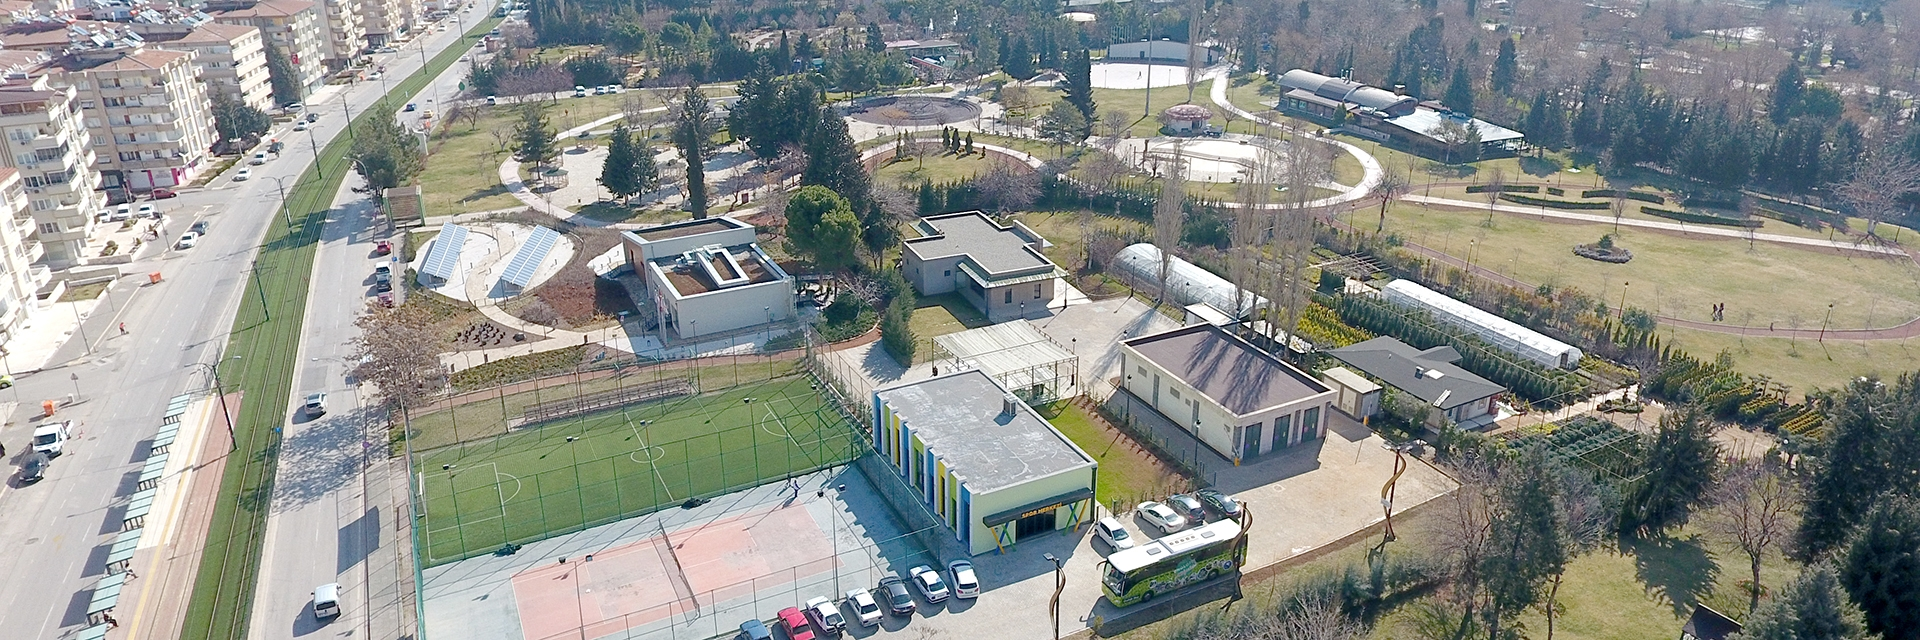 Gaziantep'te Nefes Alan Bir Bina: Ekolojik Bina